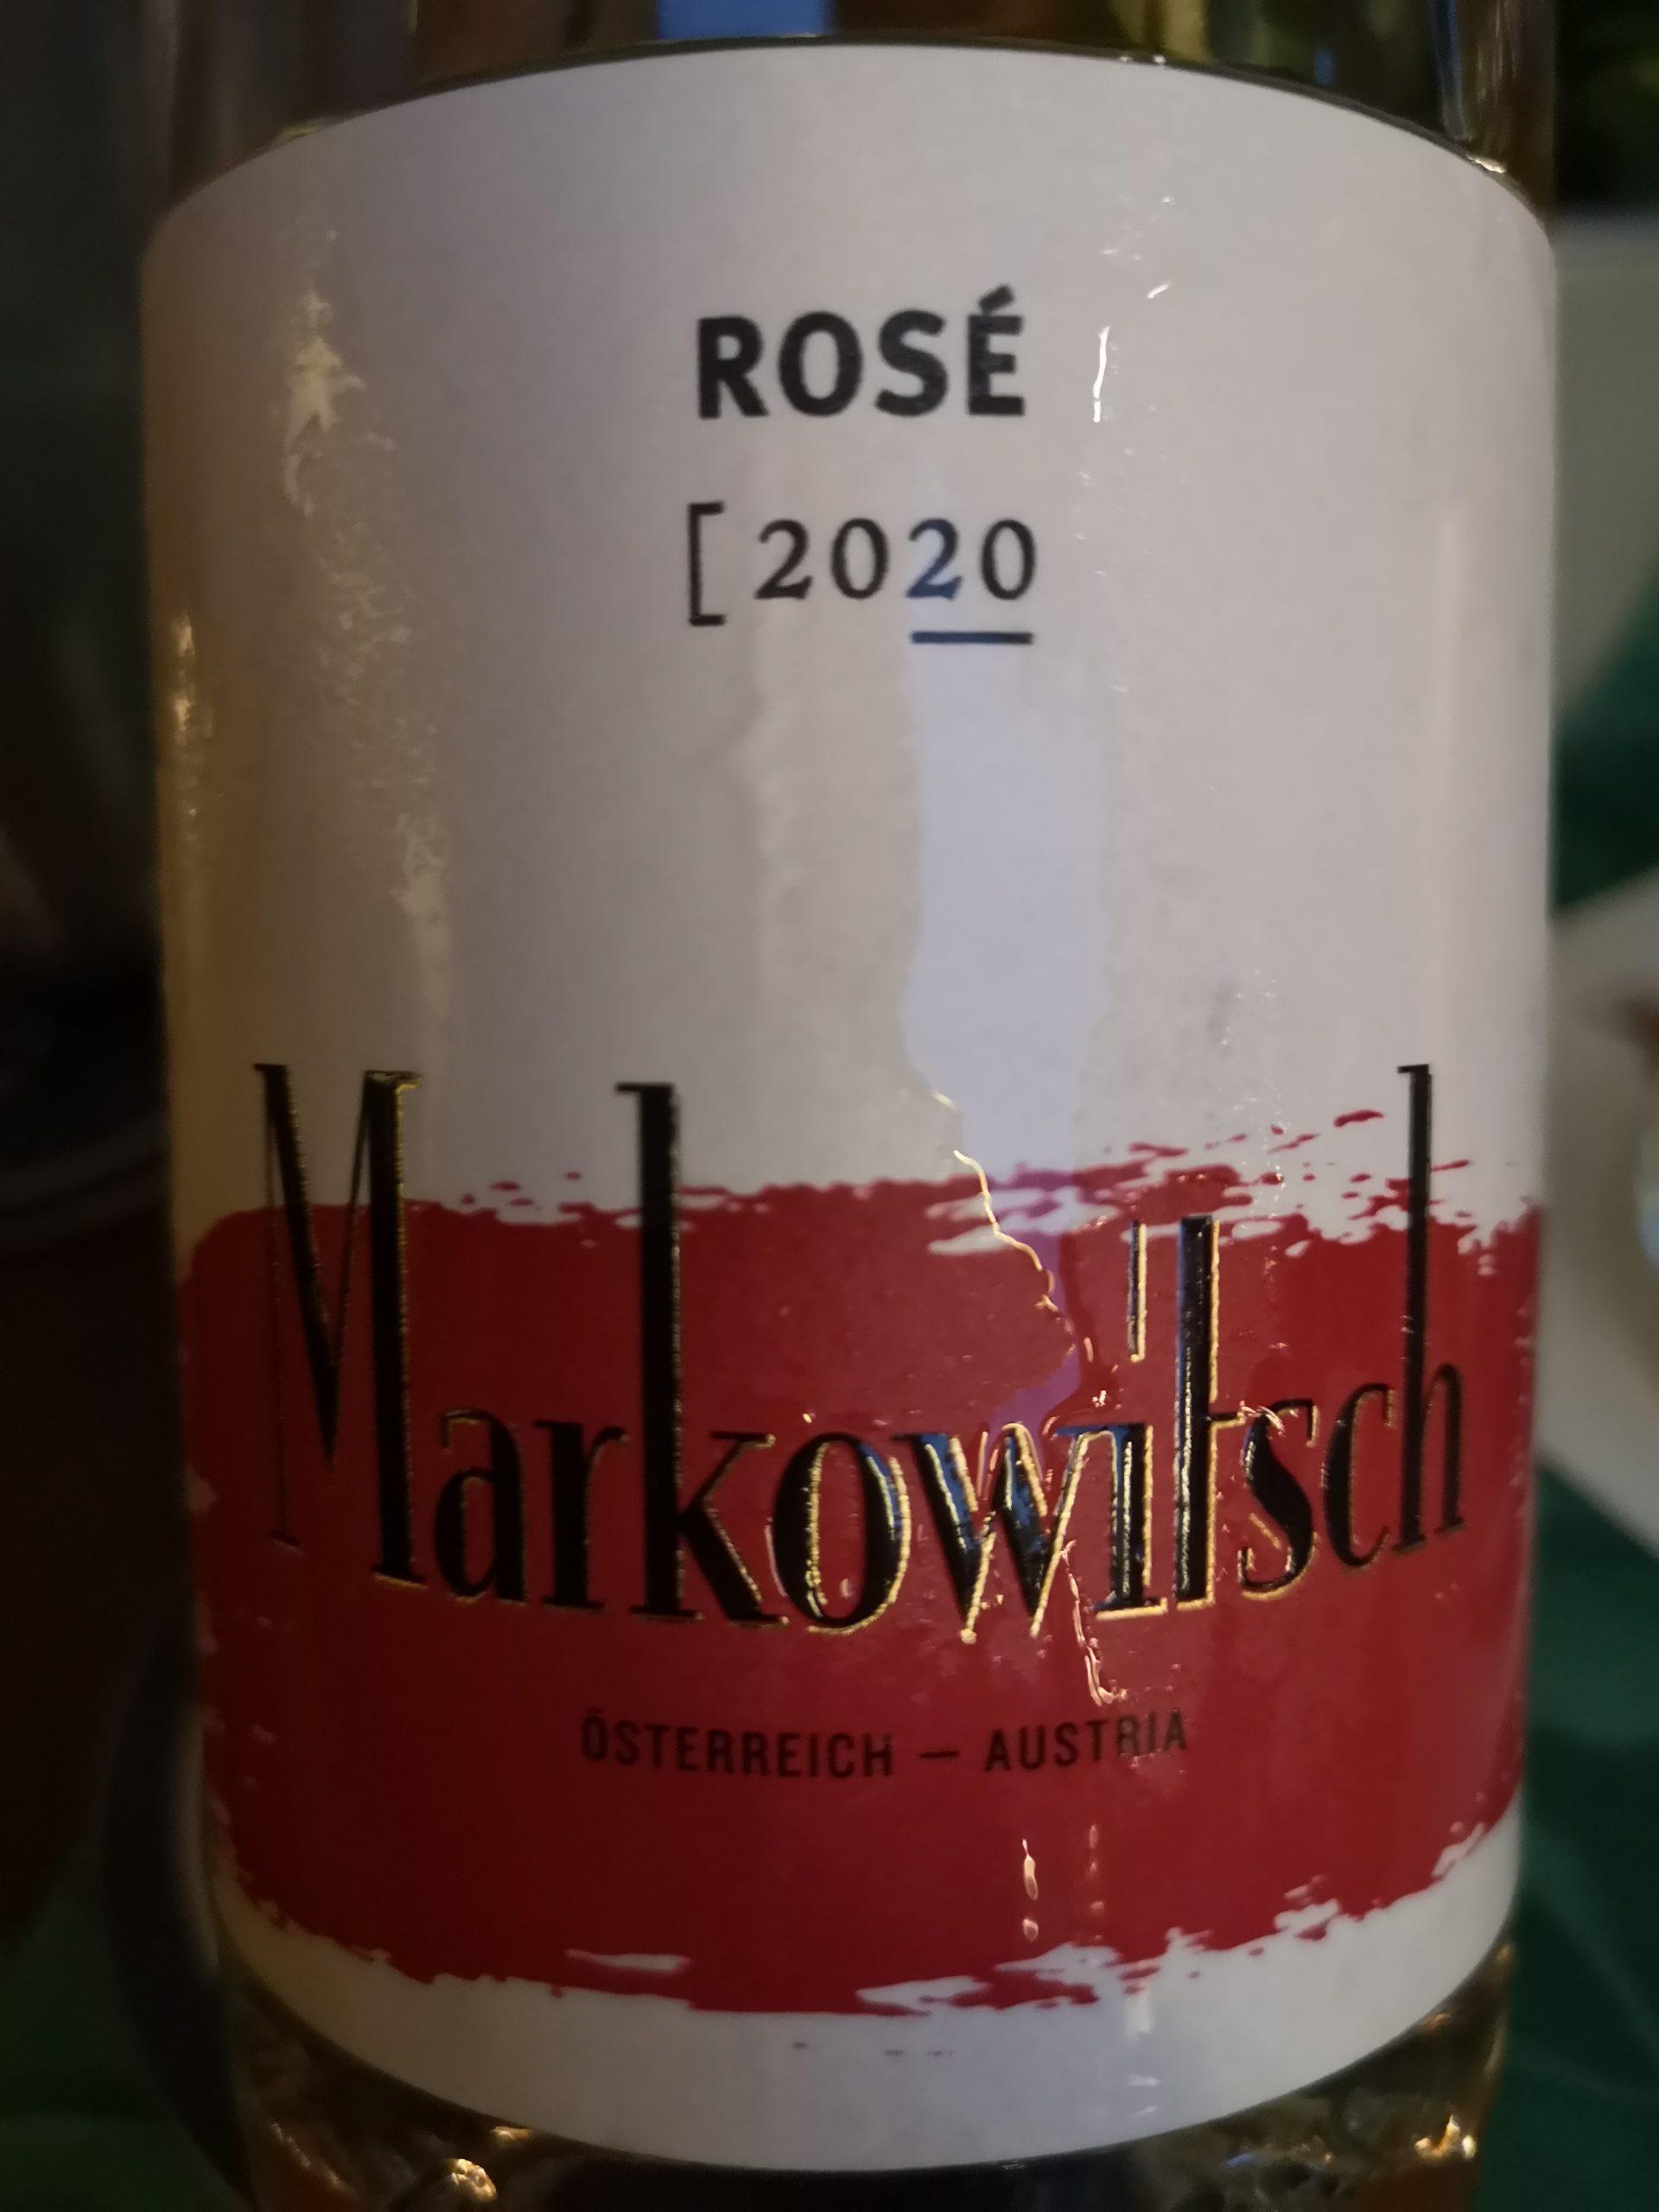 2020 Rosé | Markowitsch